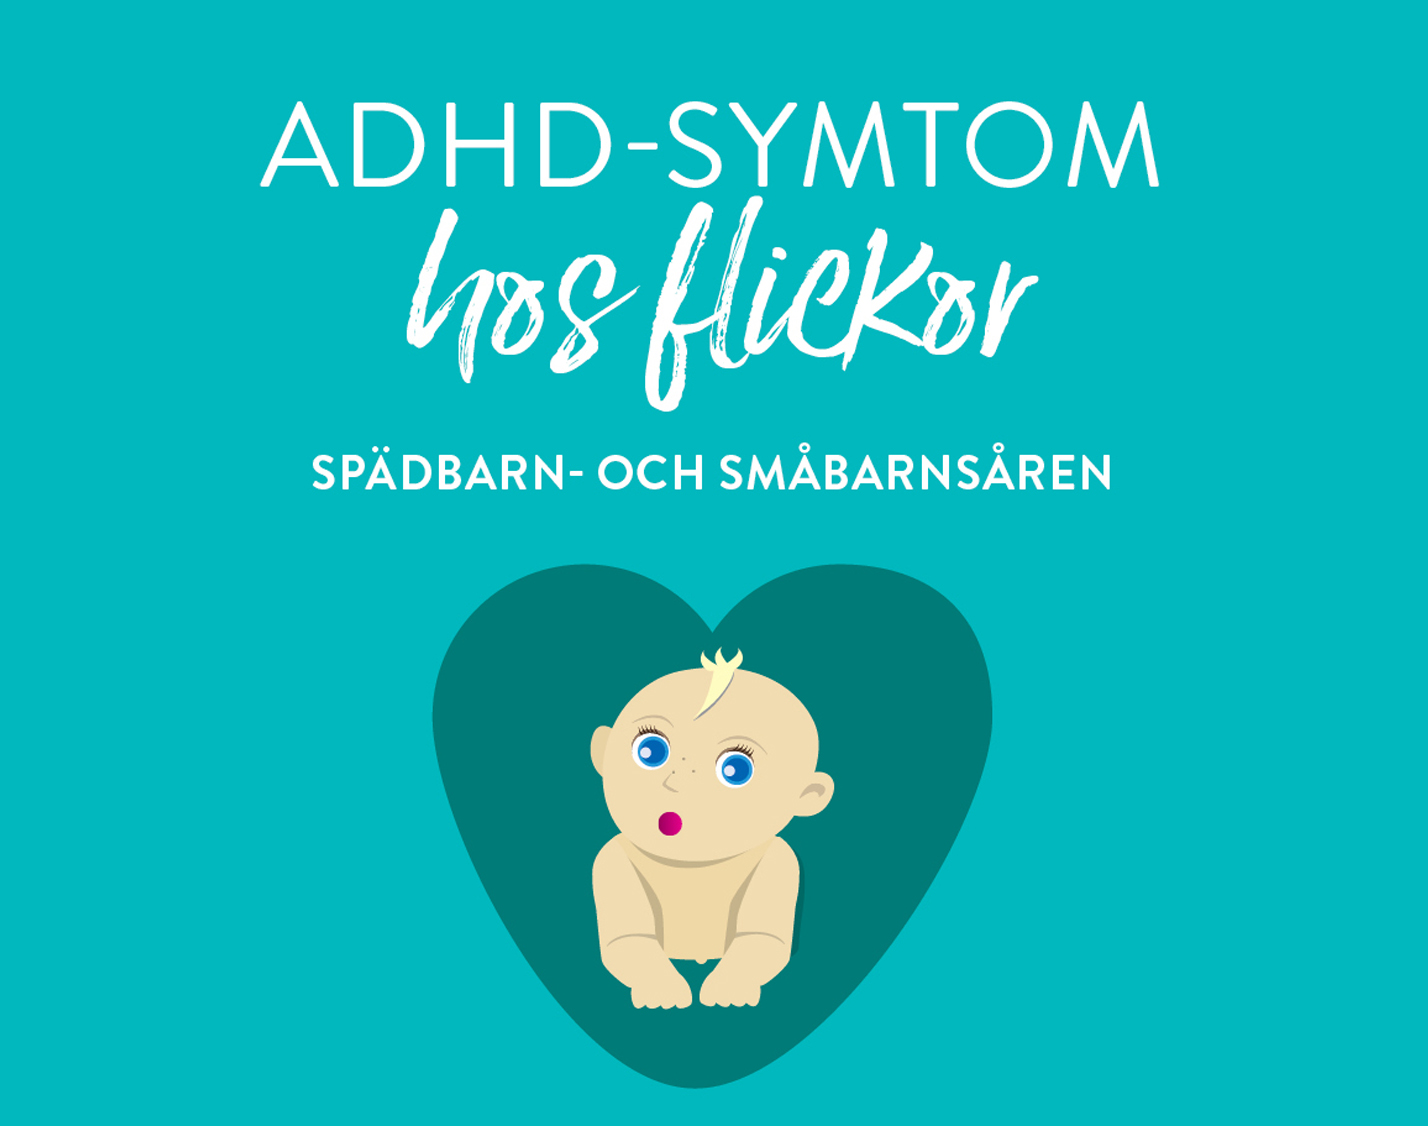 ADHD-symtom för flickor i spädbarns- och småbarnsåldern